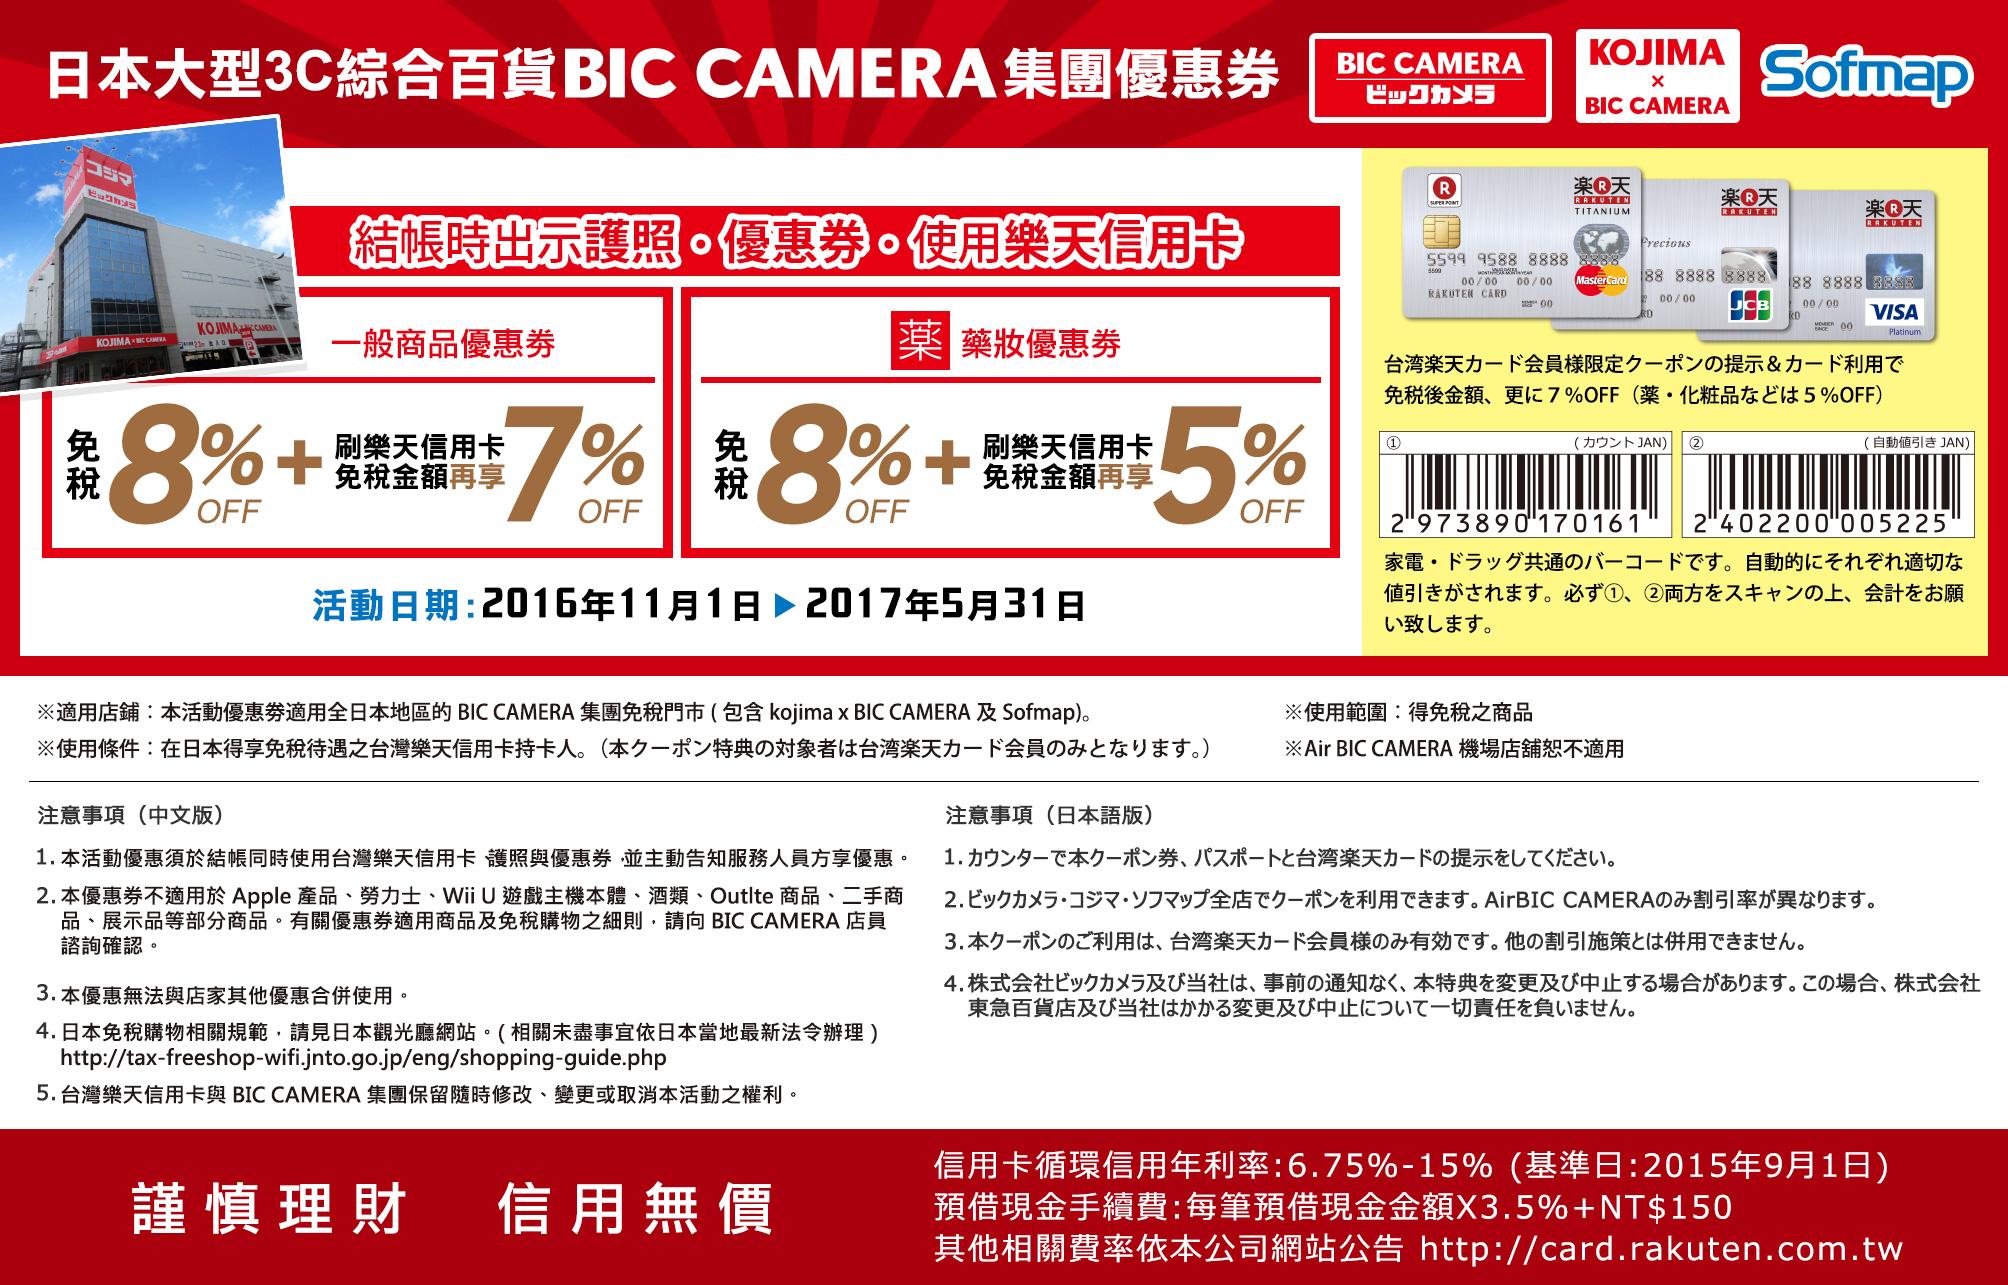 【日本旅遊購物必備】樂天信用卡 購物折扣超優惠 3C電器 藥妝美妝 問我買多少不如說我省多少